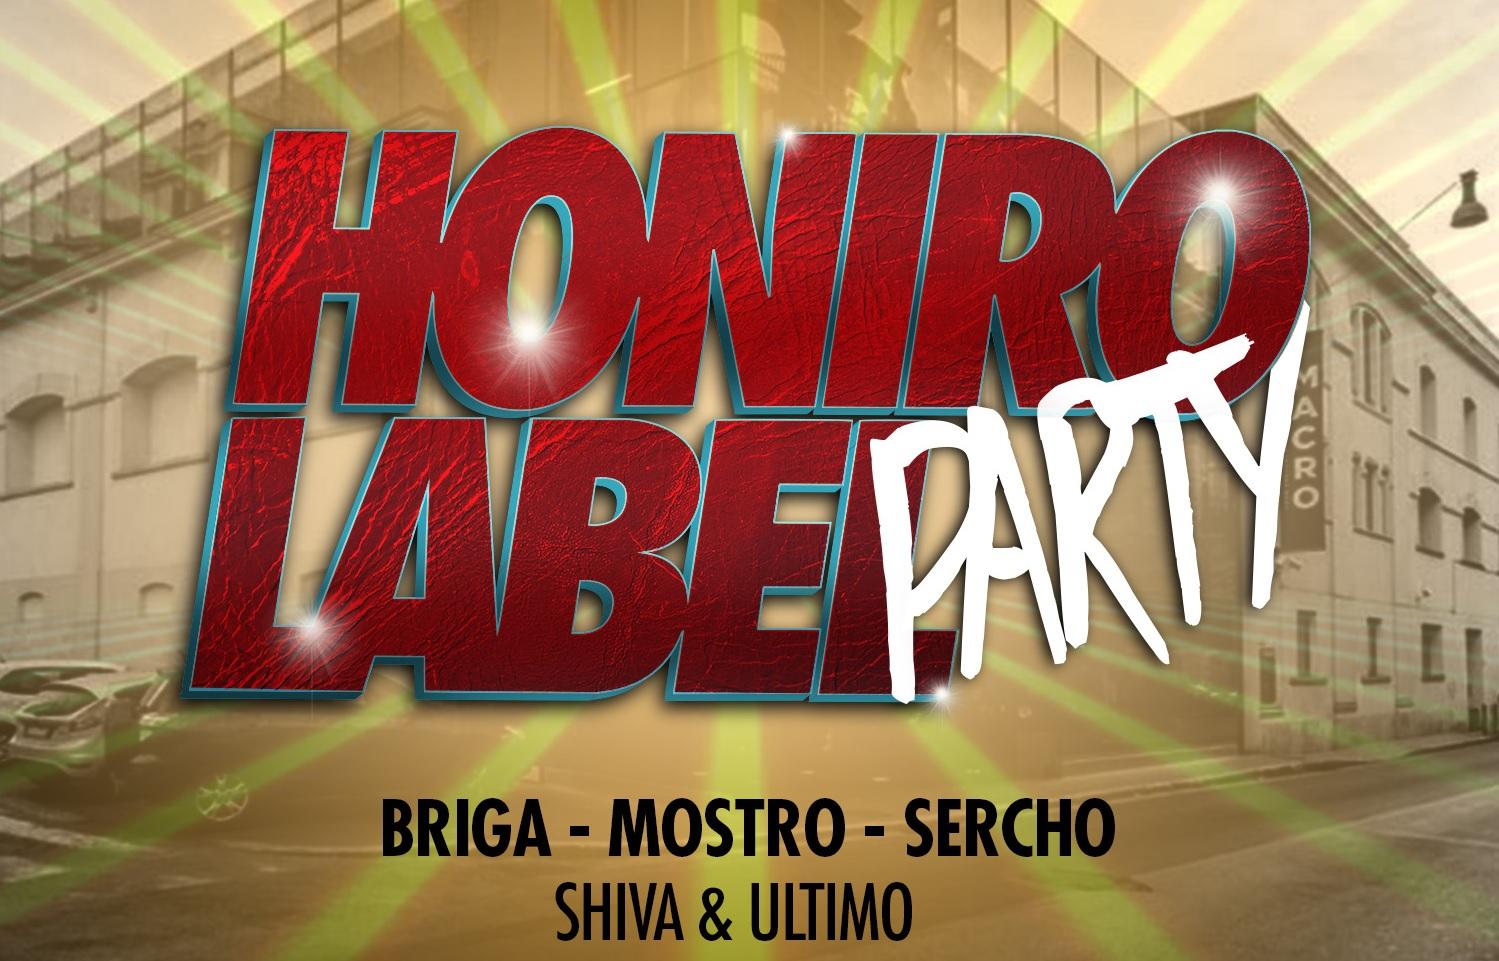 honiro_label_party